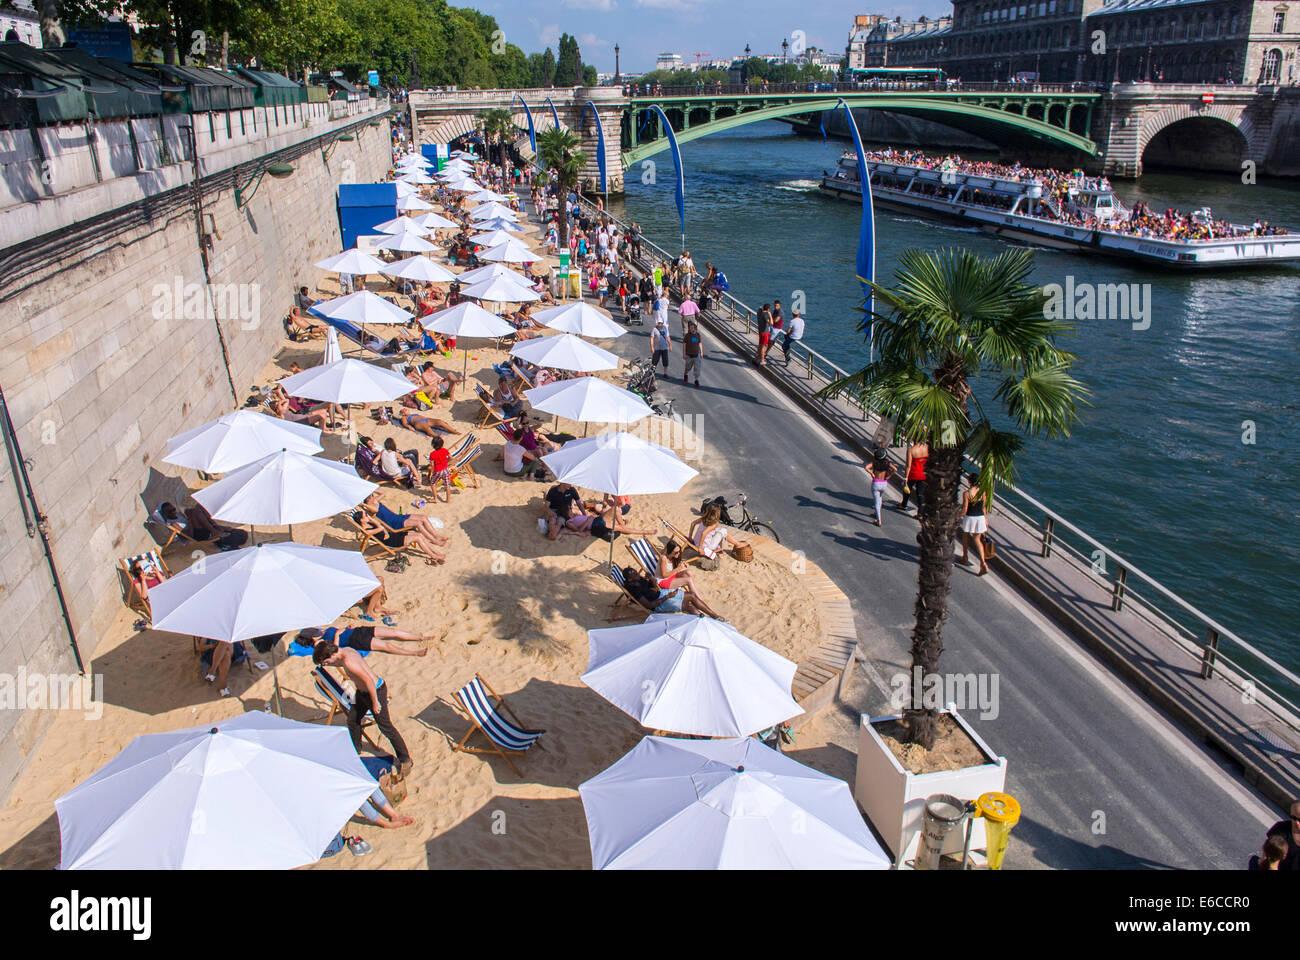 Paris, France, Aerial VIew, Tourists enjoying Public Events, 'Paris Plages', Urban Beach, Parasols - Stock Image